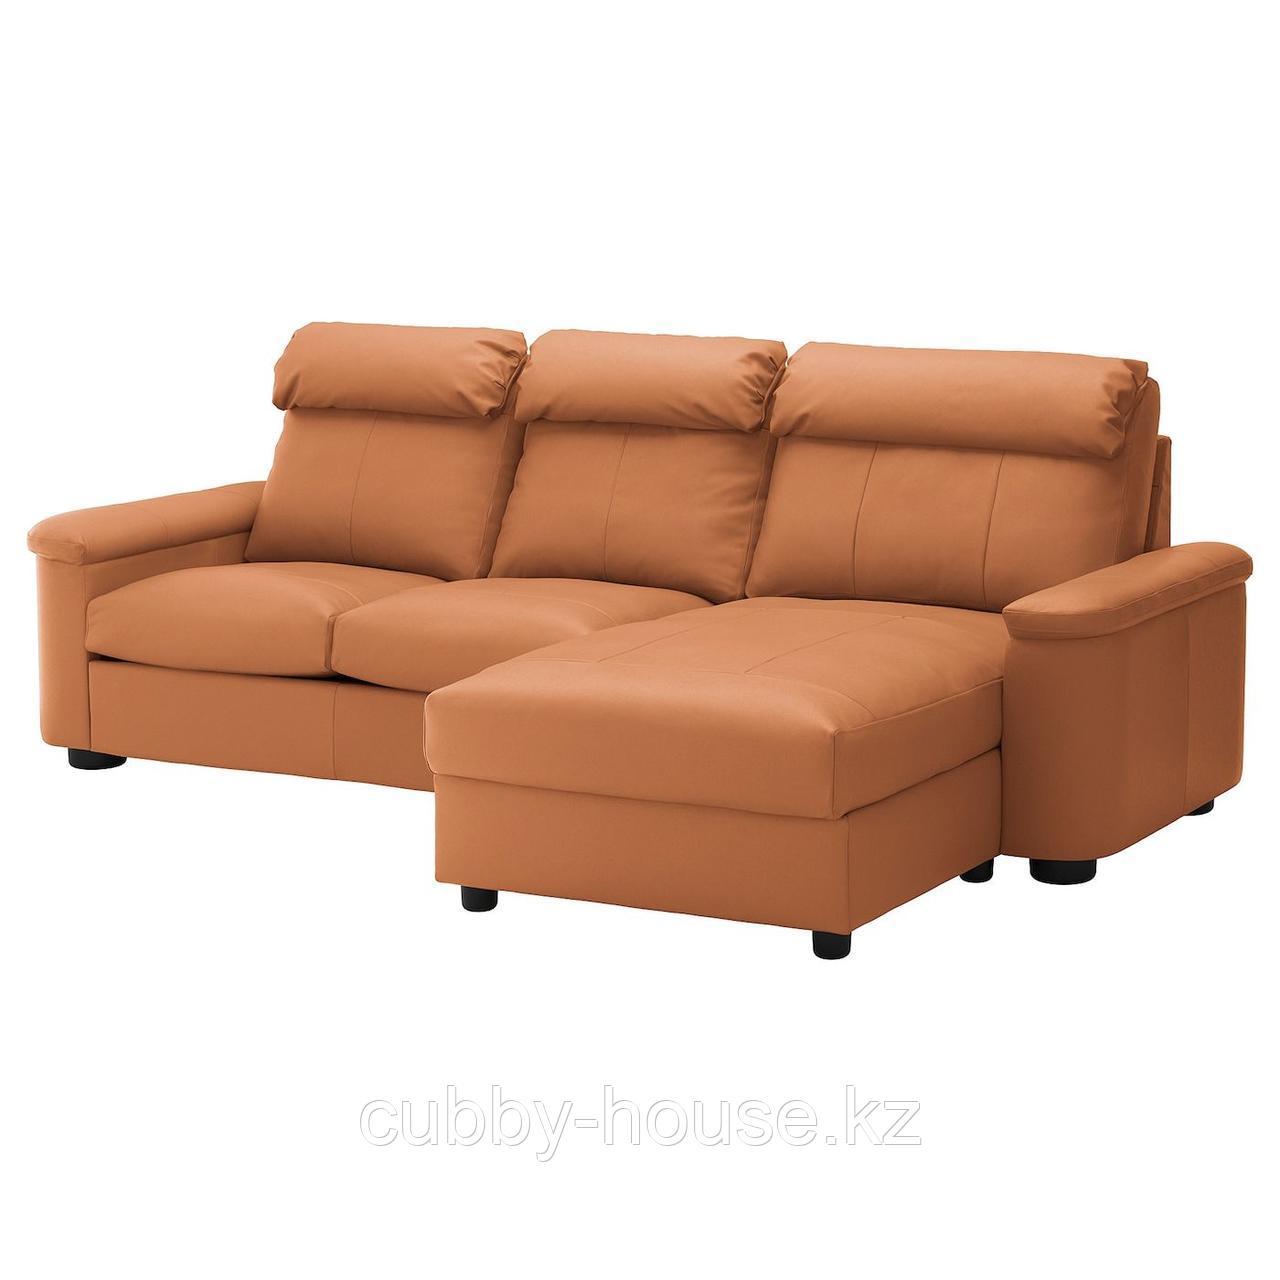 ЛИДГУЛЬТ 3-местный диван, с козеткой, Гранн/Бумстад темно-коричневый